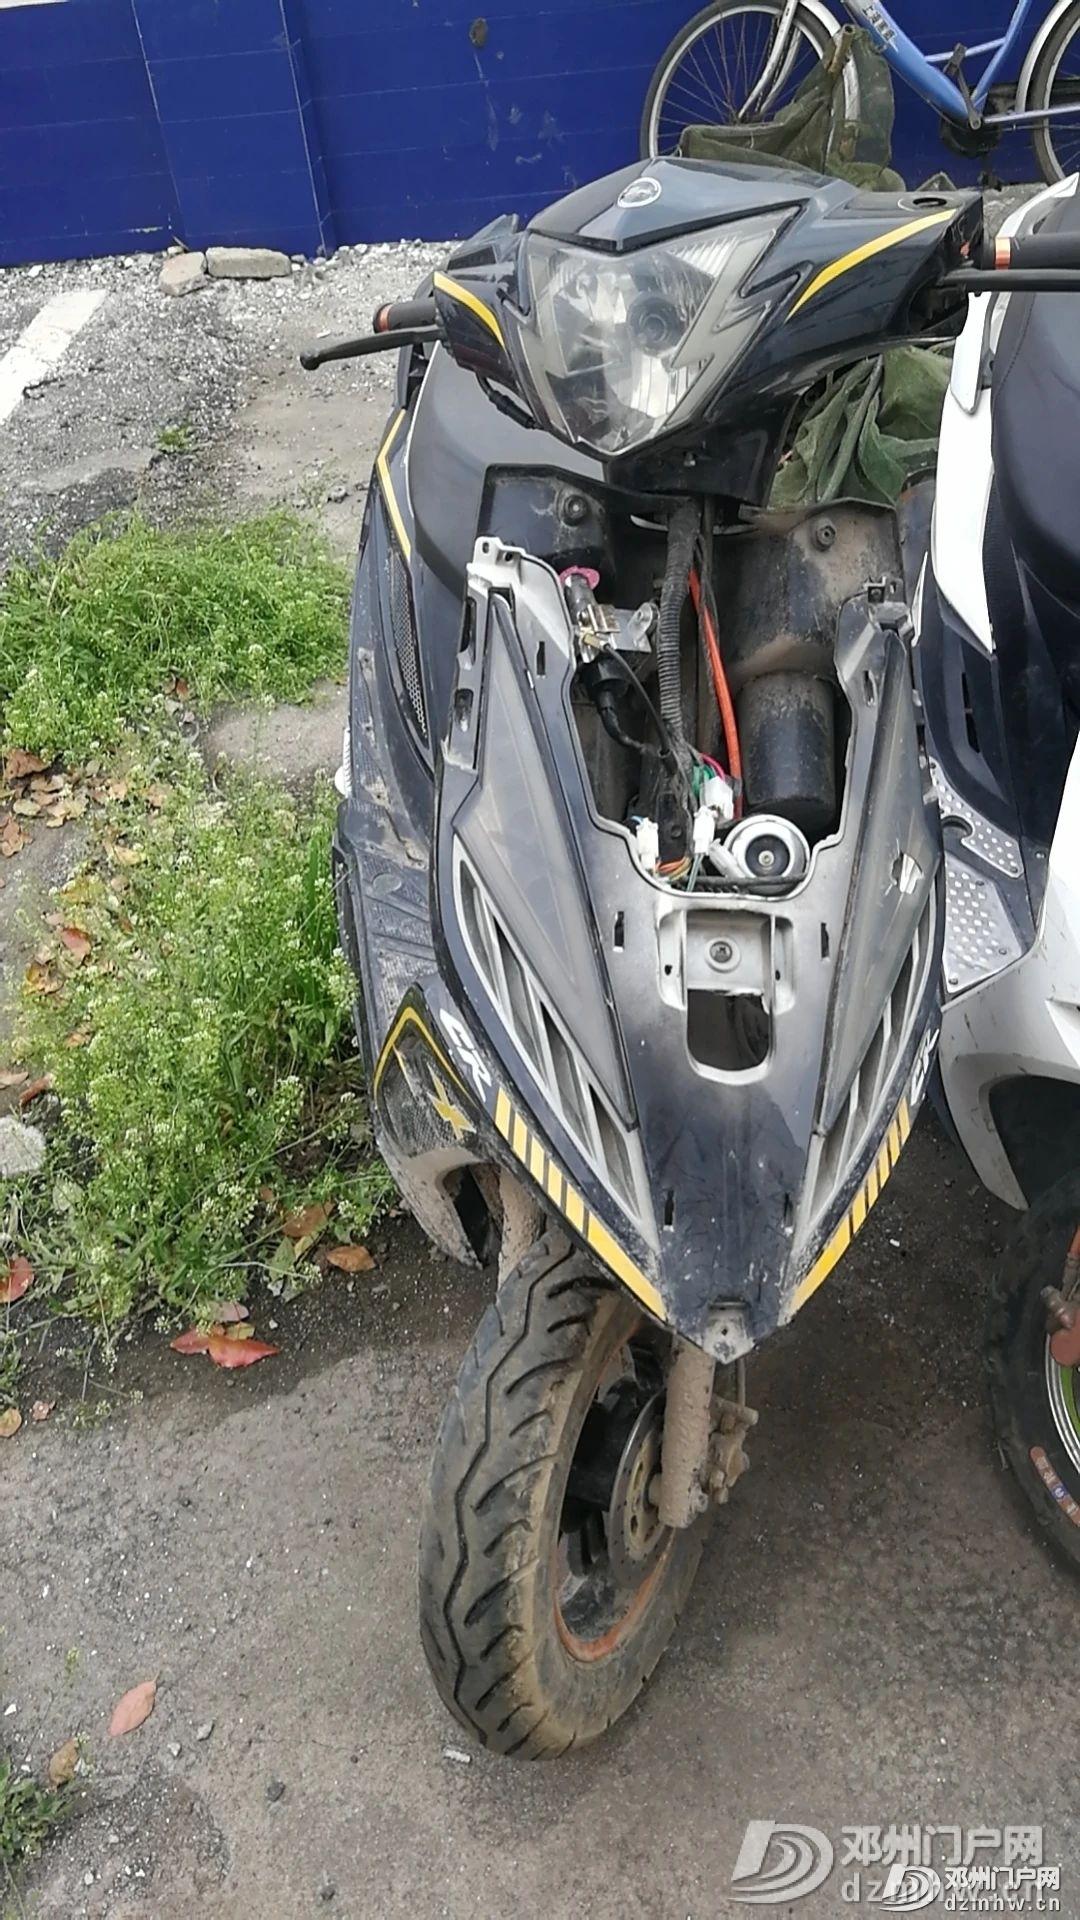 【认领启事】邓州谁的摩托车丢了,速来领取! - 邓州门户网|邓州网 - 006f5e7d5727982114cc160d3b437351.jpg